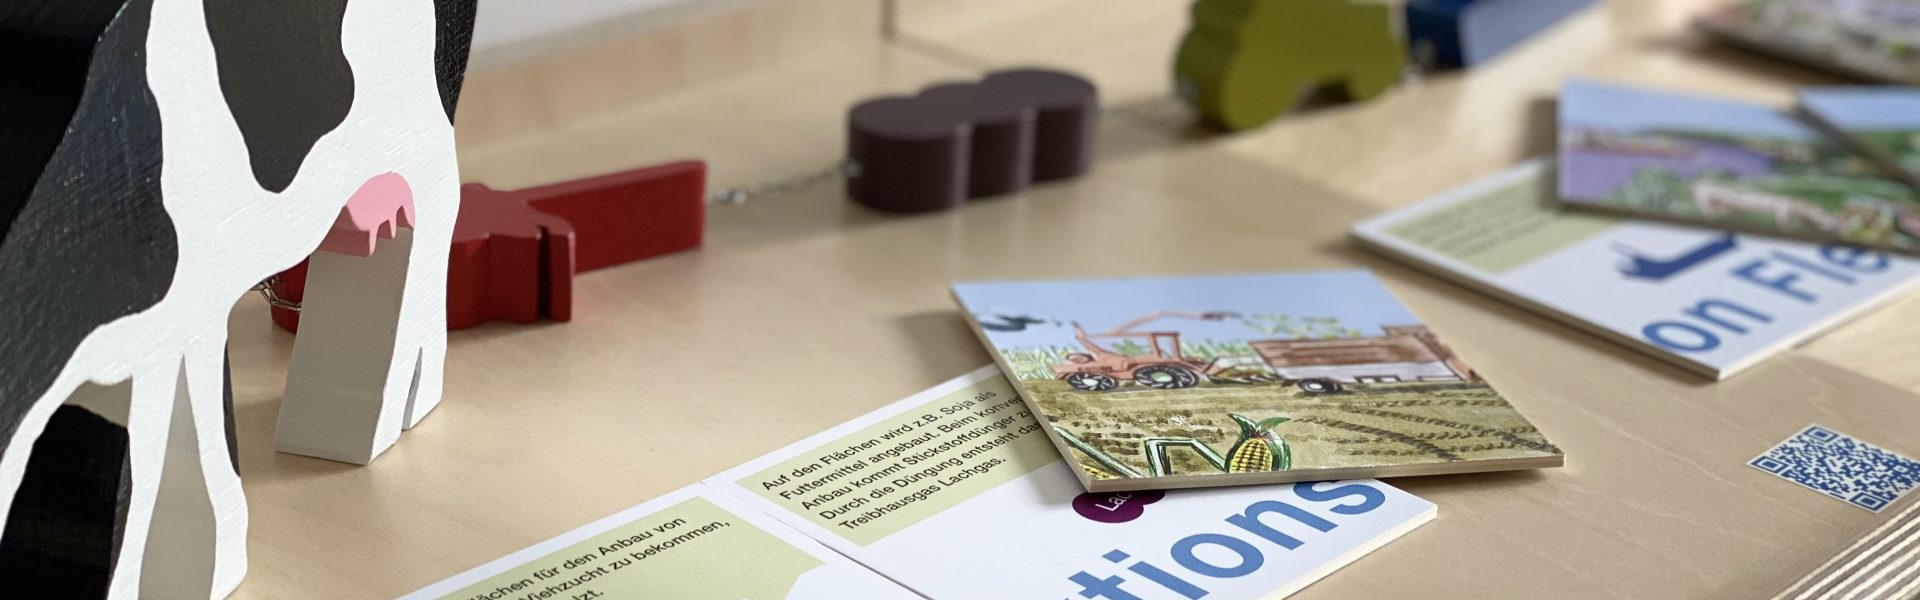 """Header Bild Interaktive Ausstellung """"Klimagourmet. Genießen und das Klima schützen"""""""